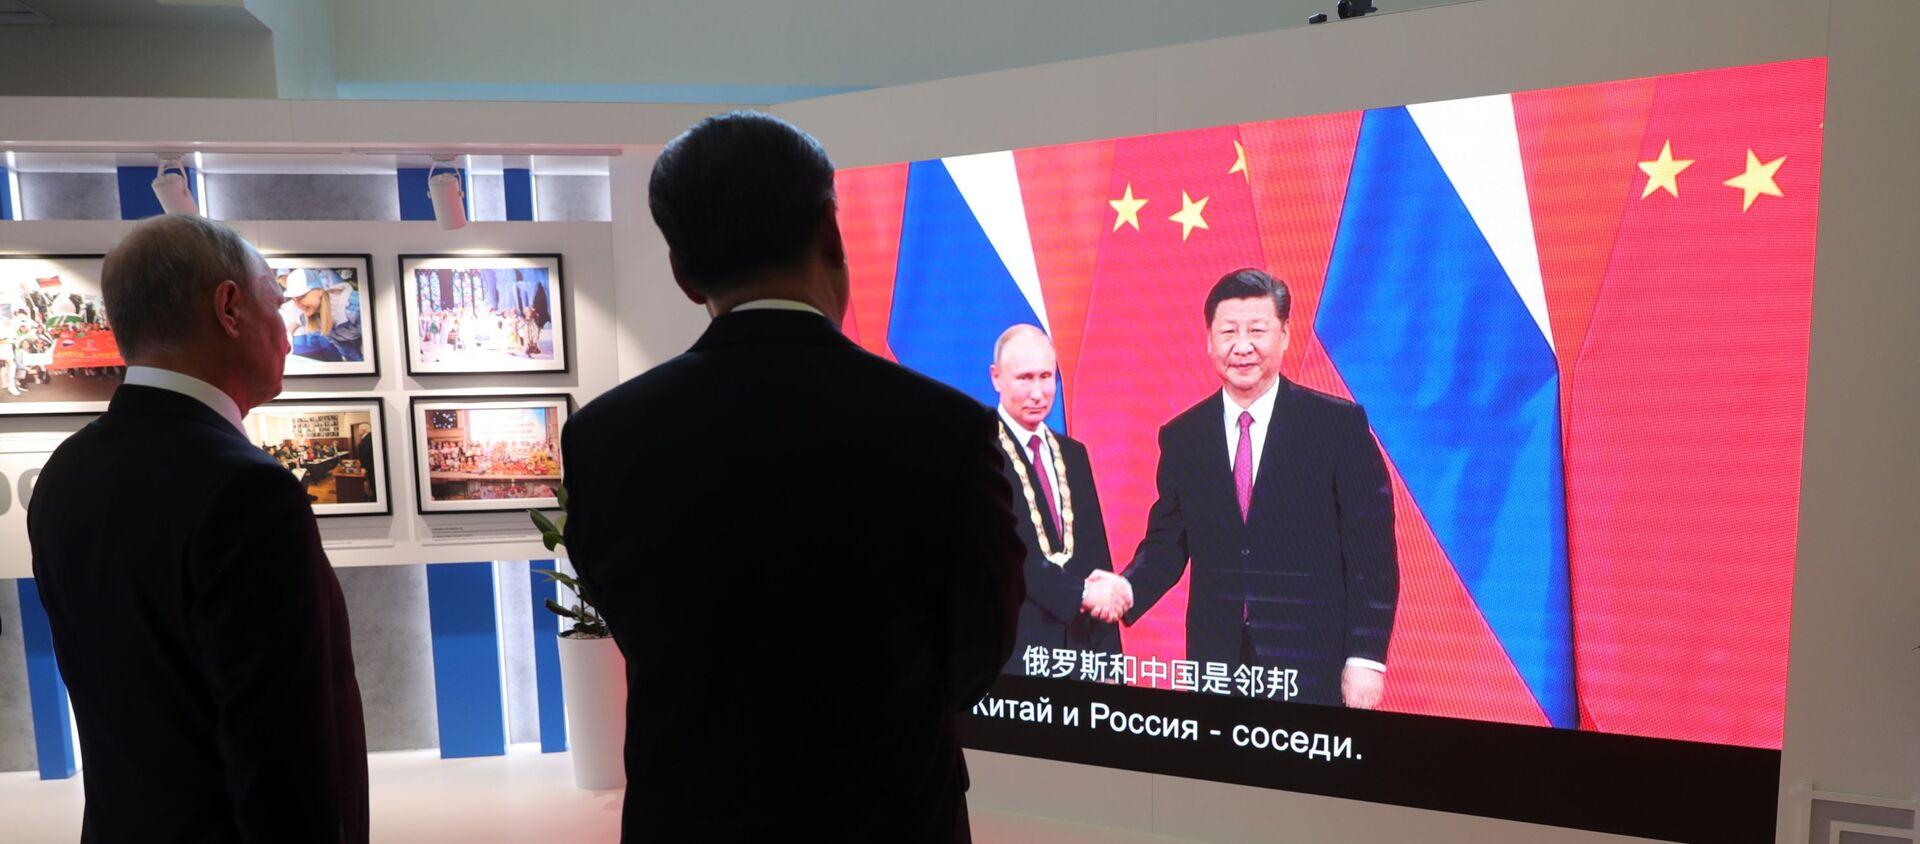 Рабочая поездка президента РФ В. Путина в Дальневосточный федеральный округ - Sputnik Абхазия, 1920, 02.06.2019